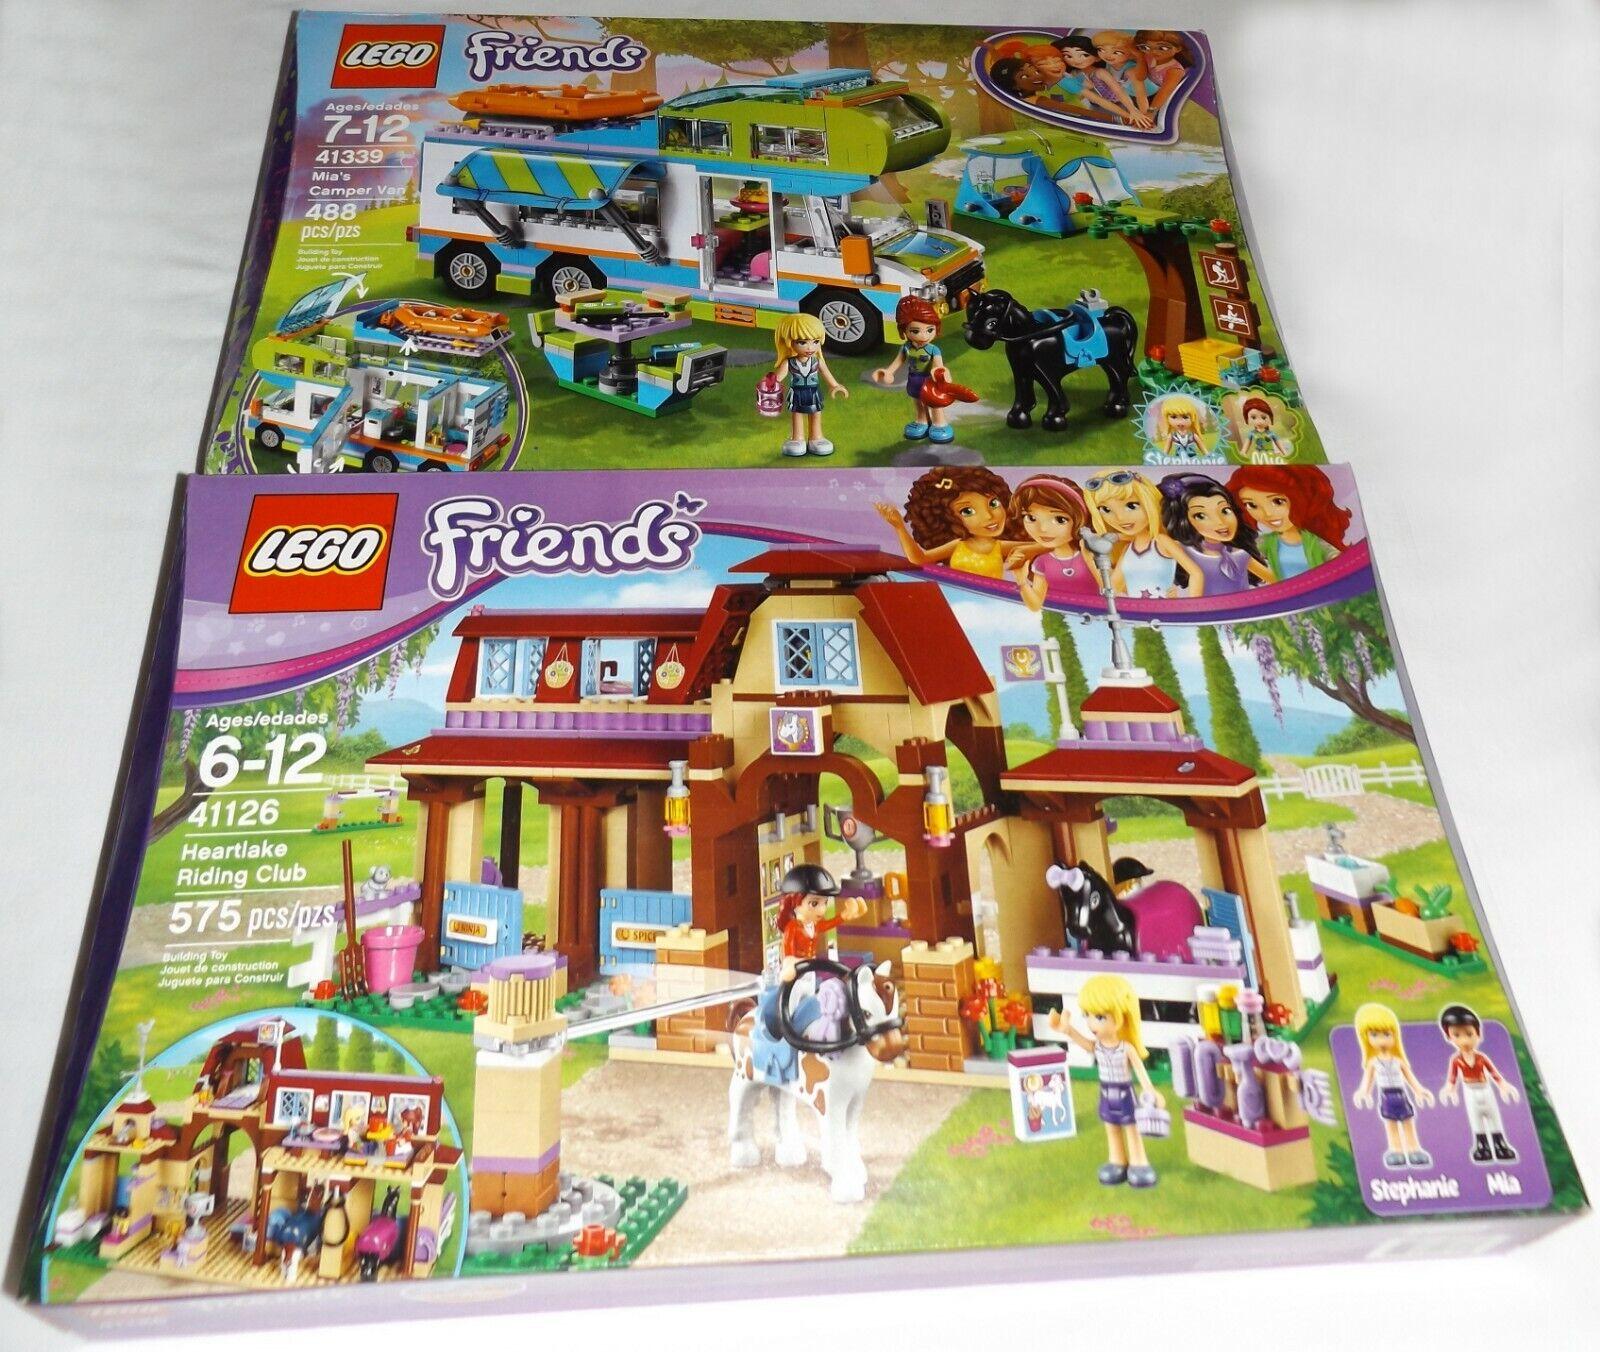 LEGO vänner 41126 Hekonstland Riding Club & 41339 Mia's Camper Van Horse tält